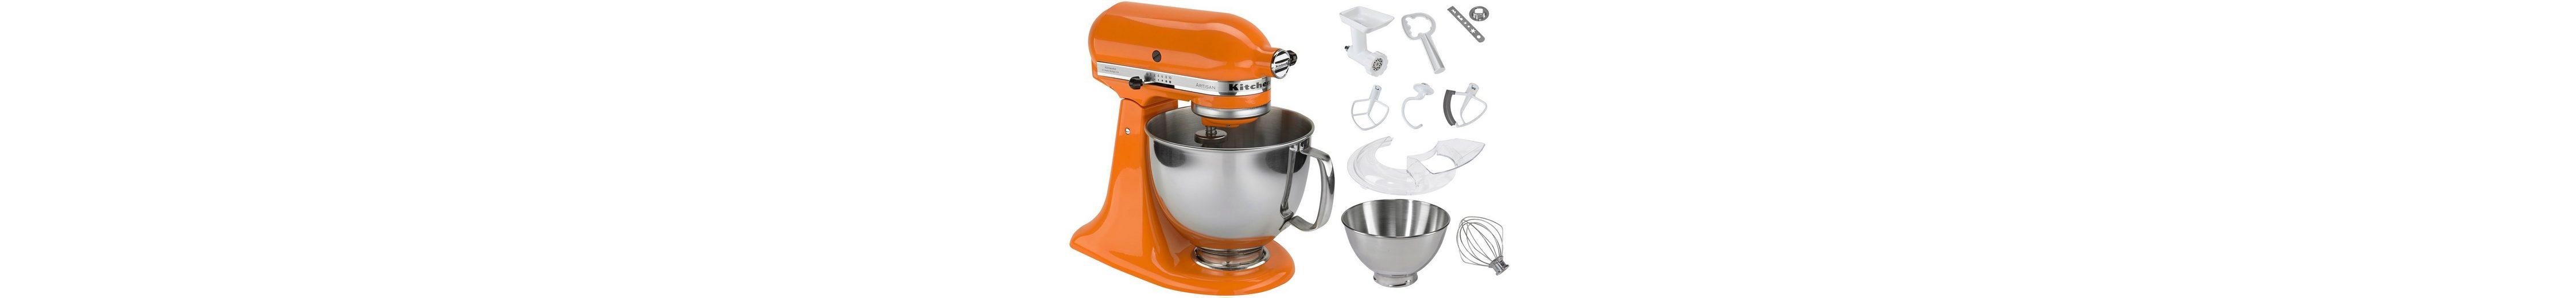 KitchenAid® Küchenmaschine 5KSM150PSETG »Artisan«, inkl. Sonderzubehör im Wert von ca. 214,-€